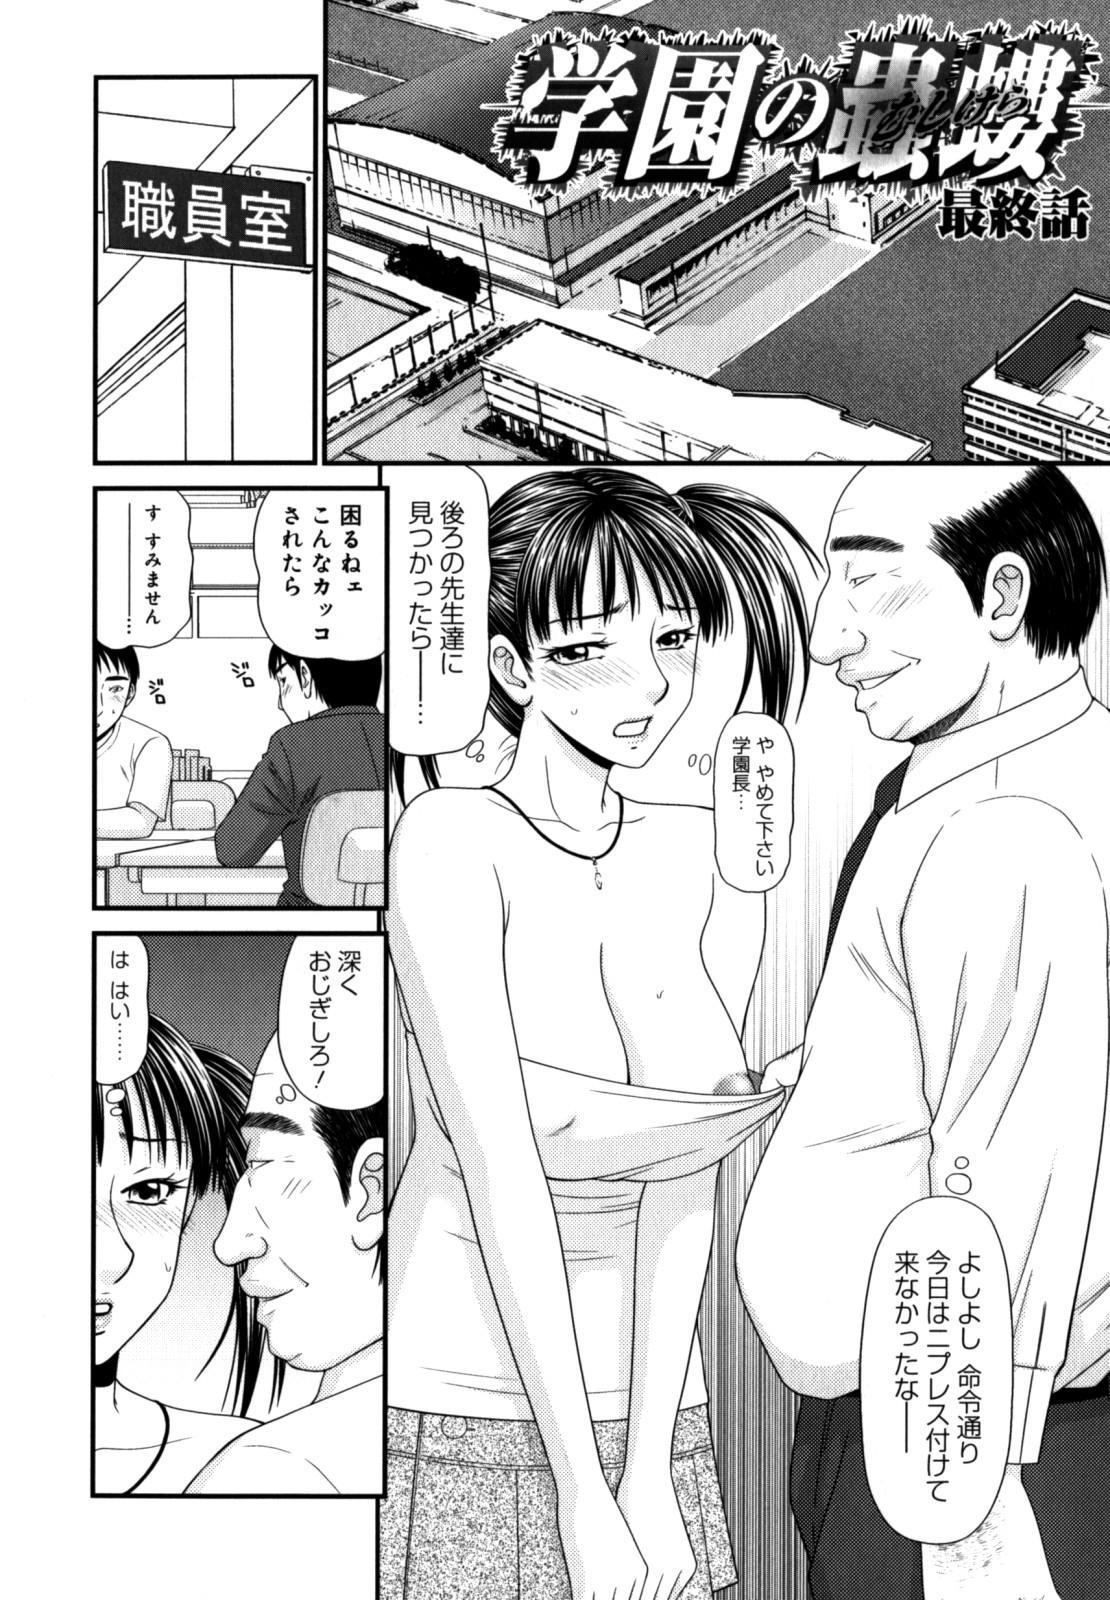 Gakuen no Mushikera 2 89